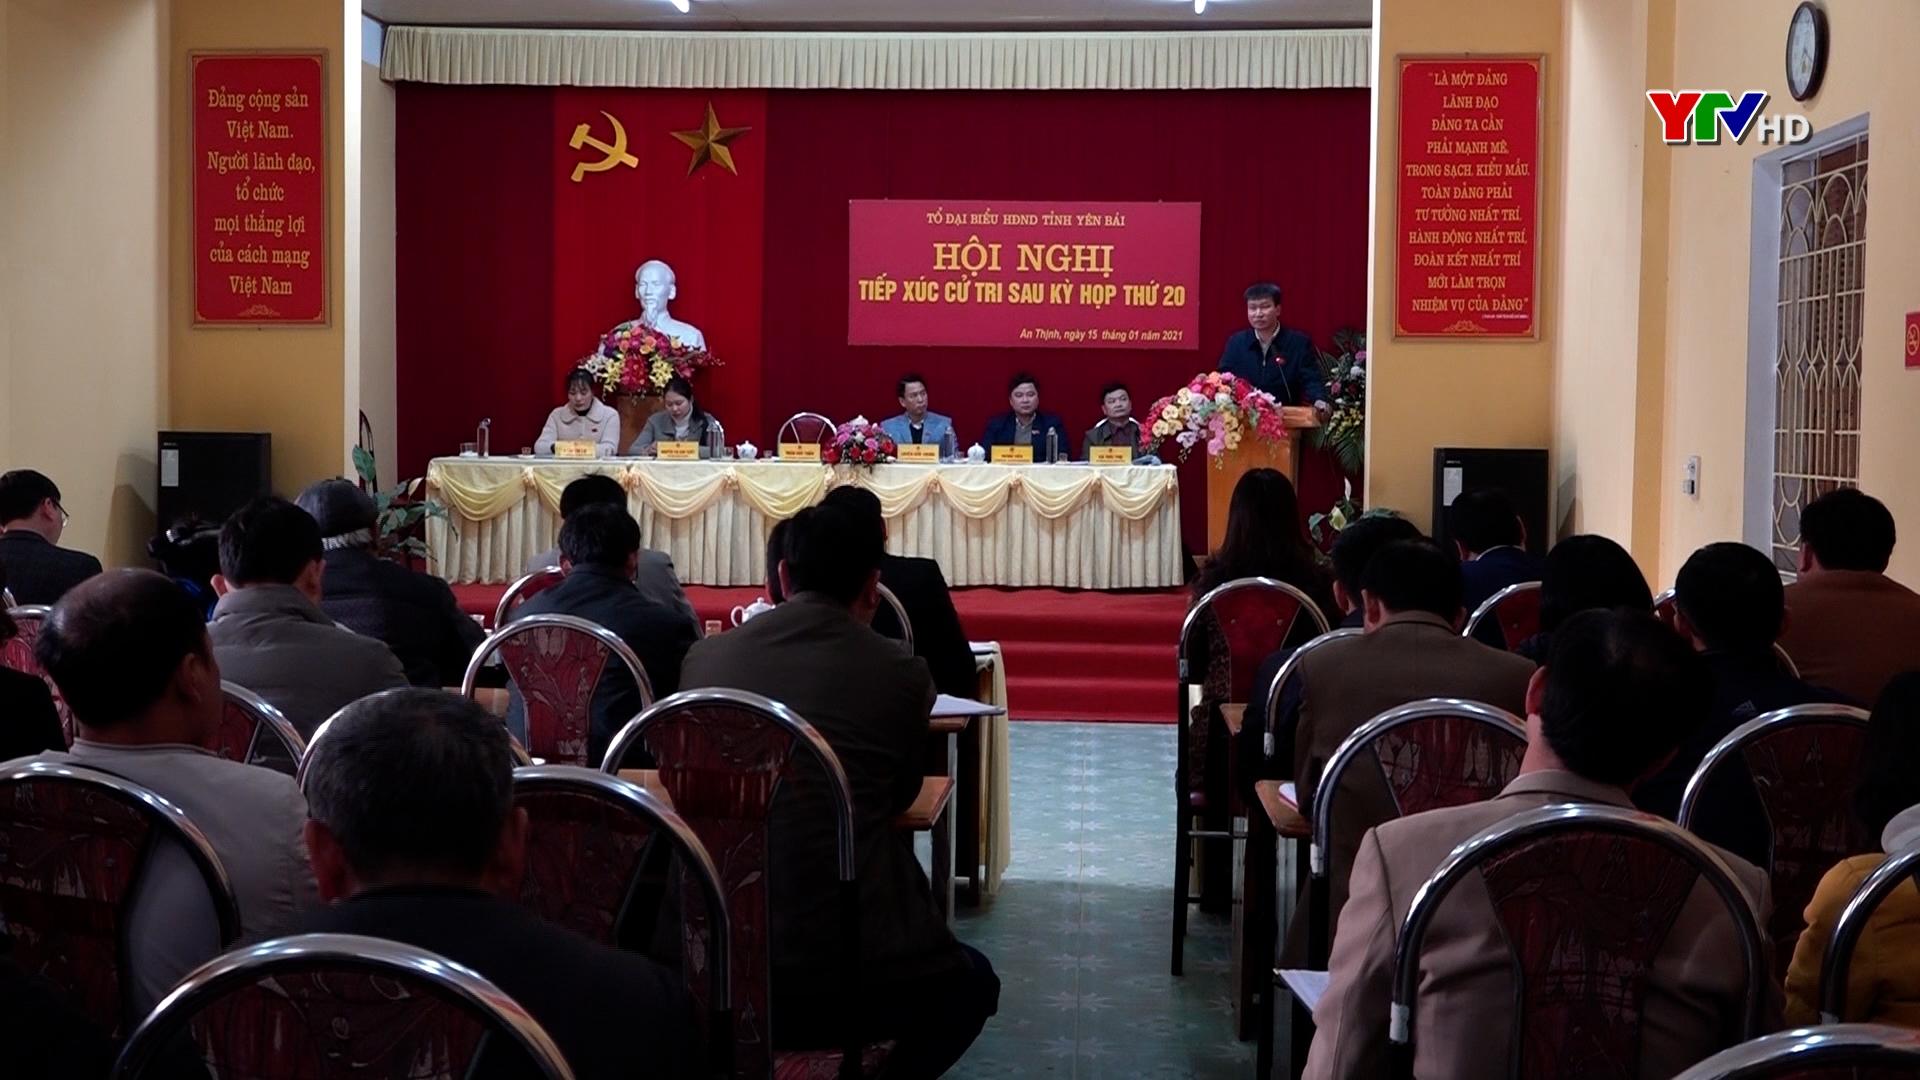 Đồng chí Chủ tịch UBND tỉnh Trần Huy Tuấn tiếp xúc cử tri huyện Văn Yên